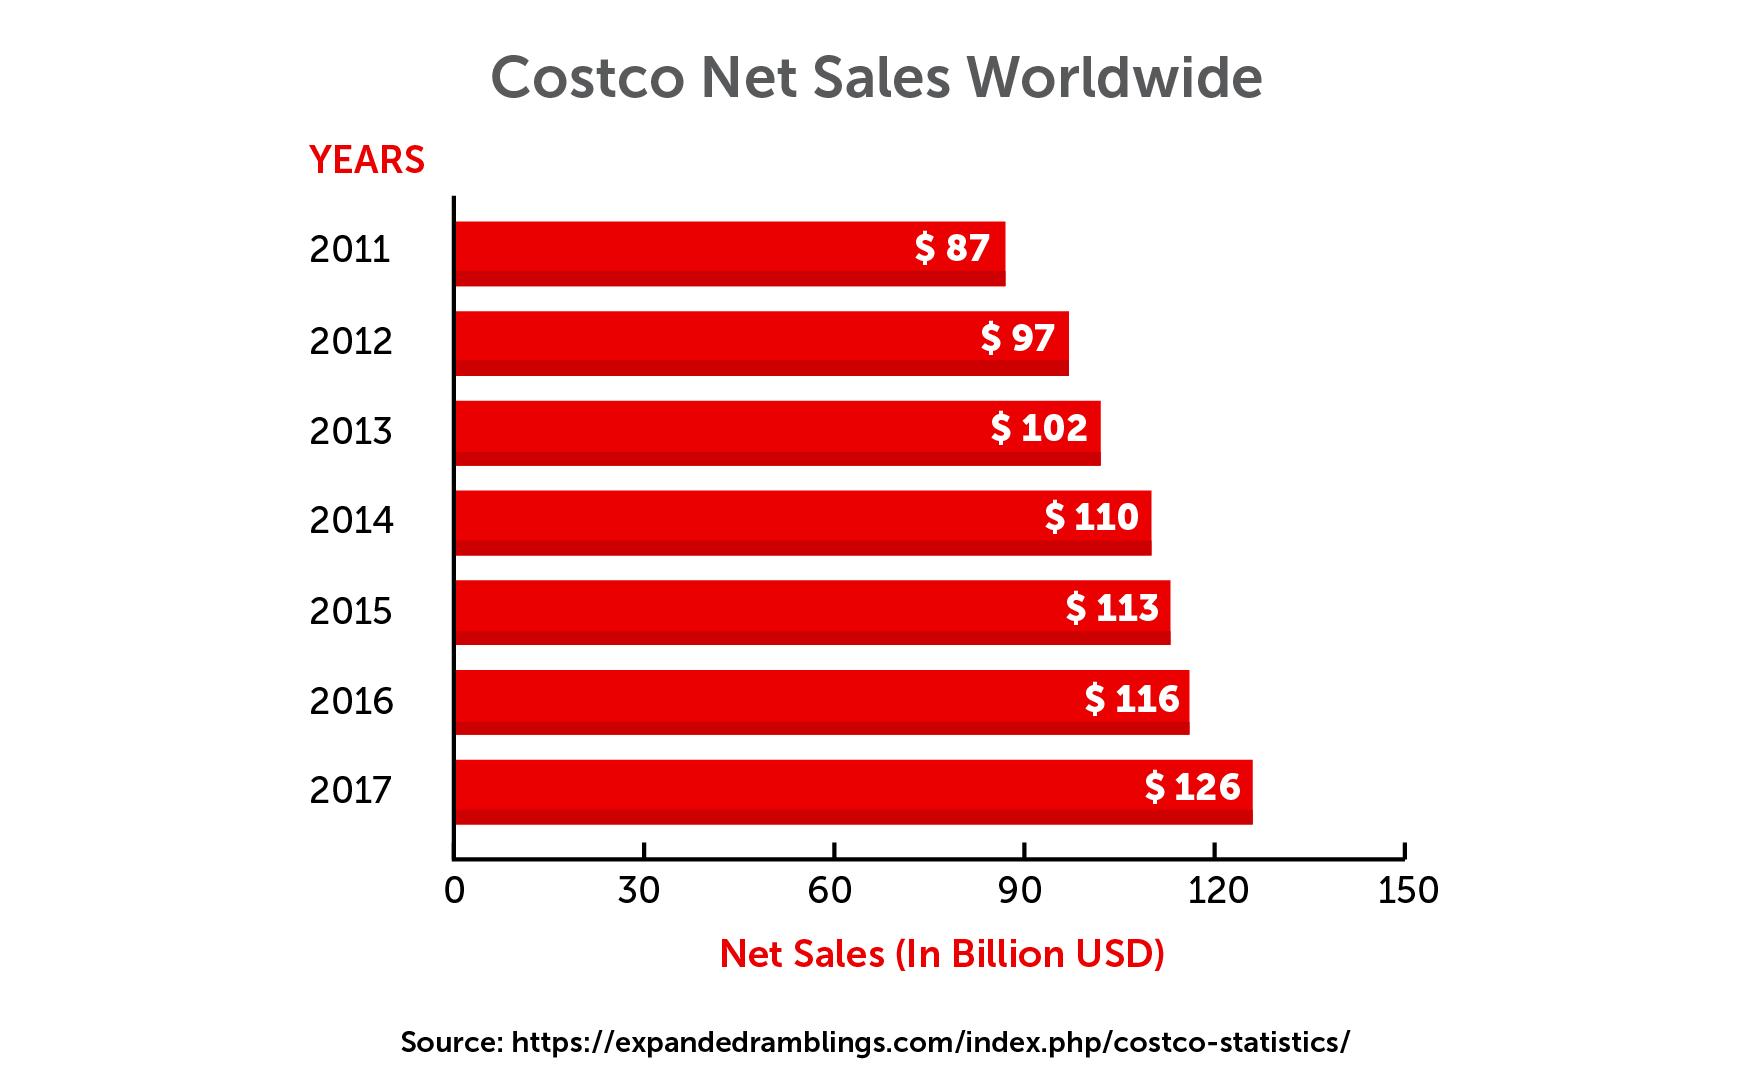 Costco net sales worldwide